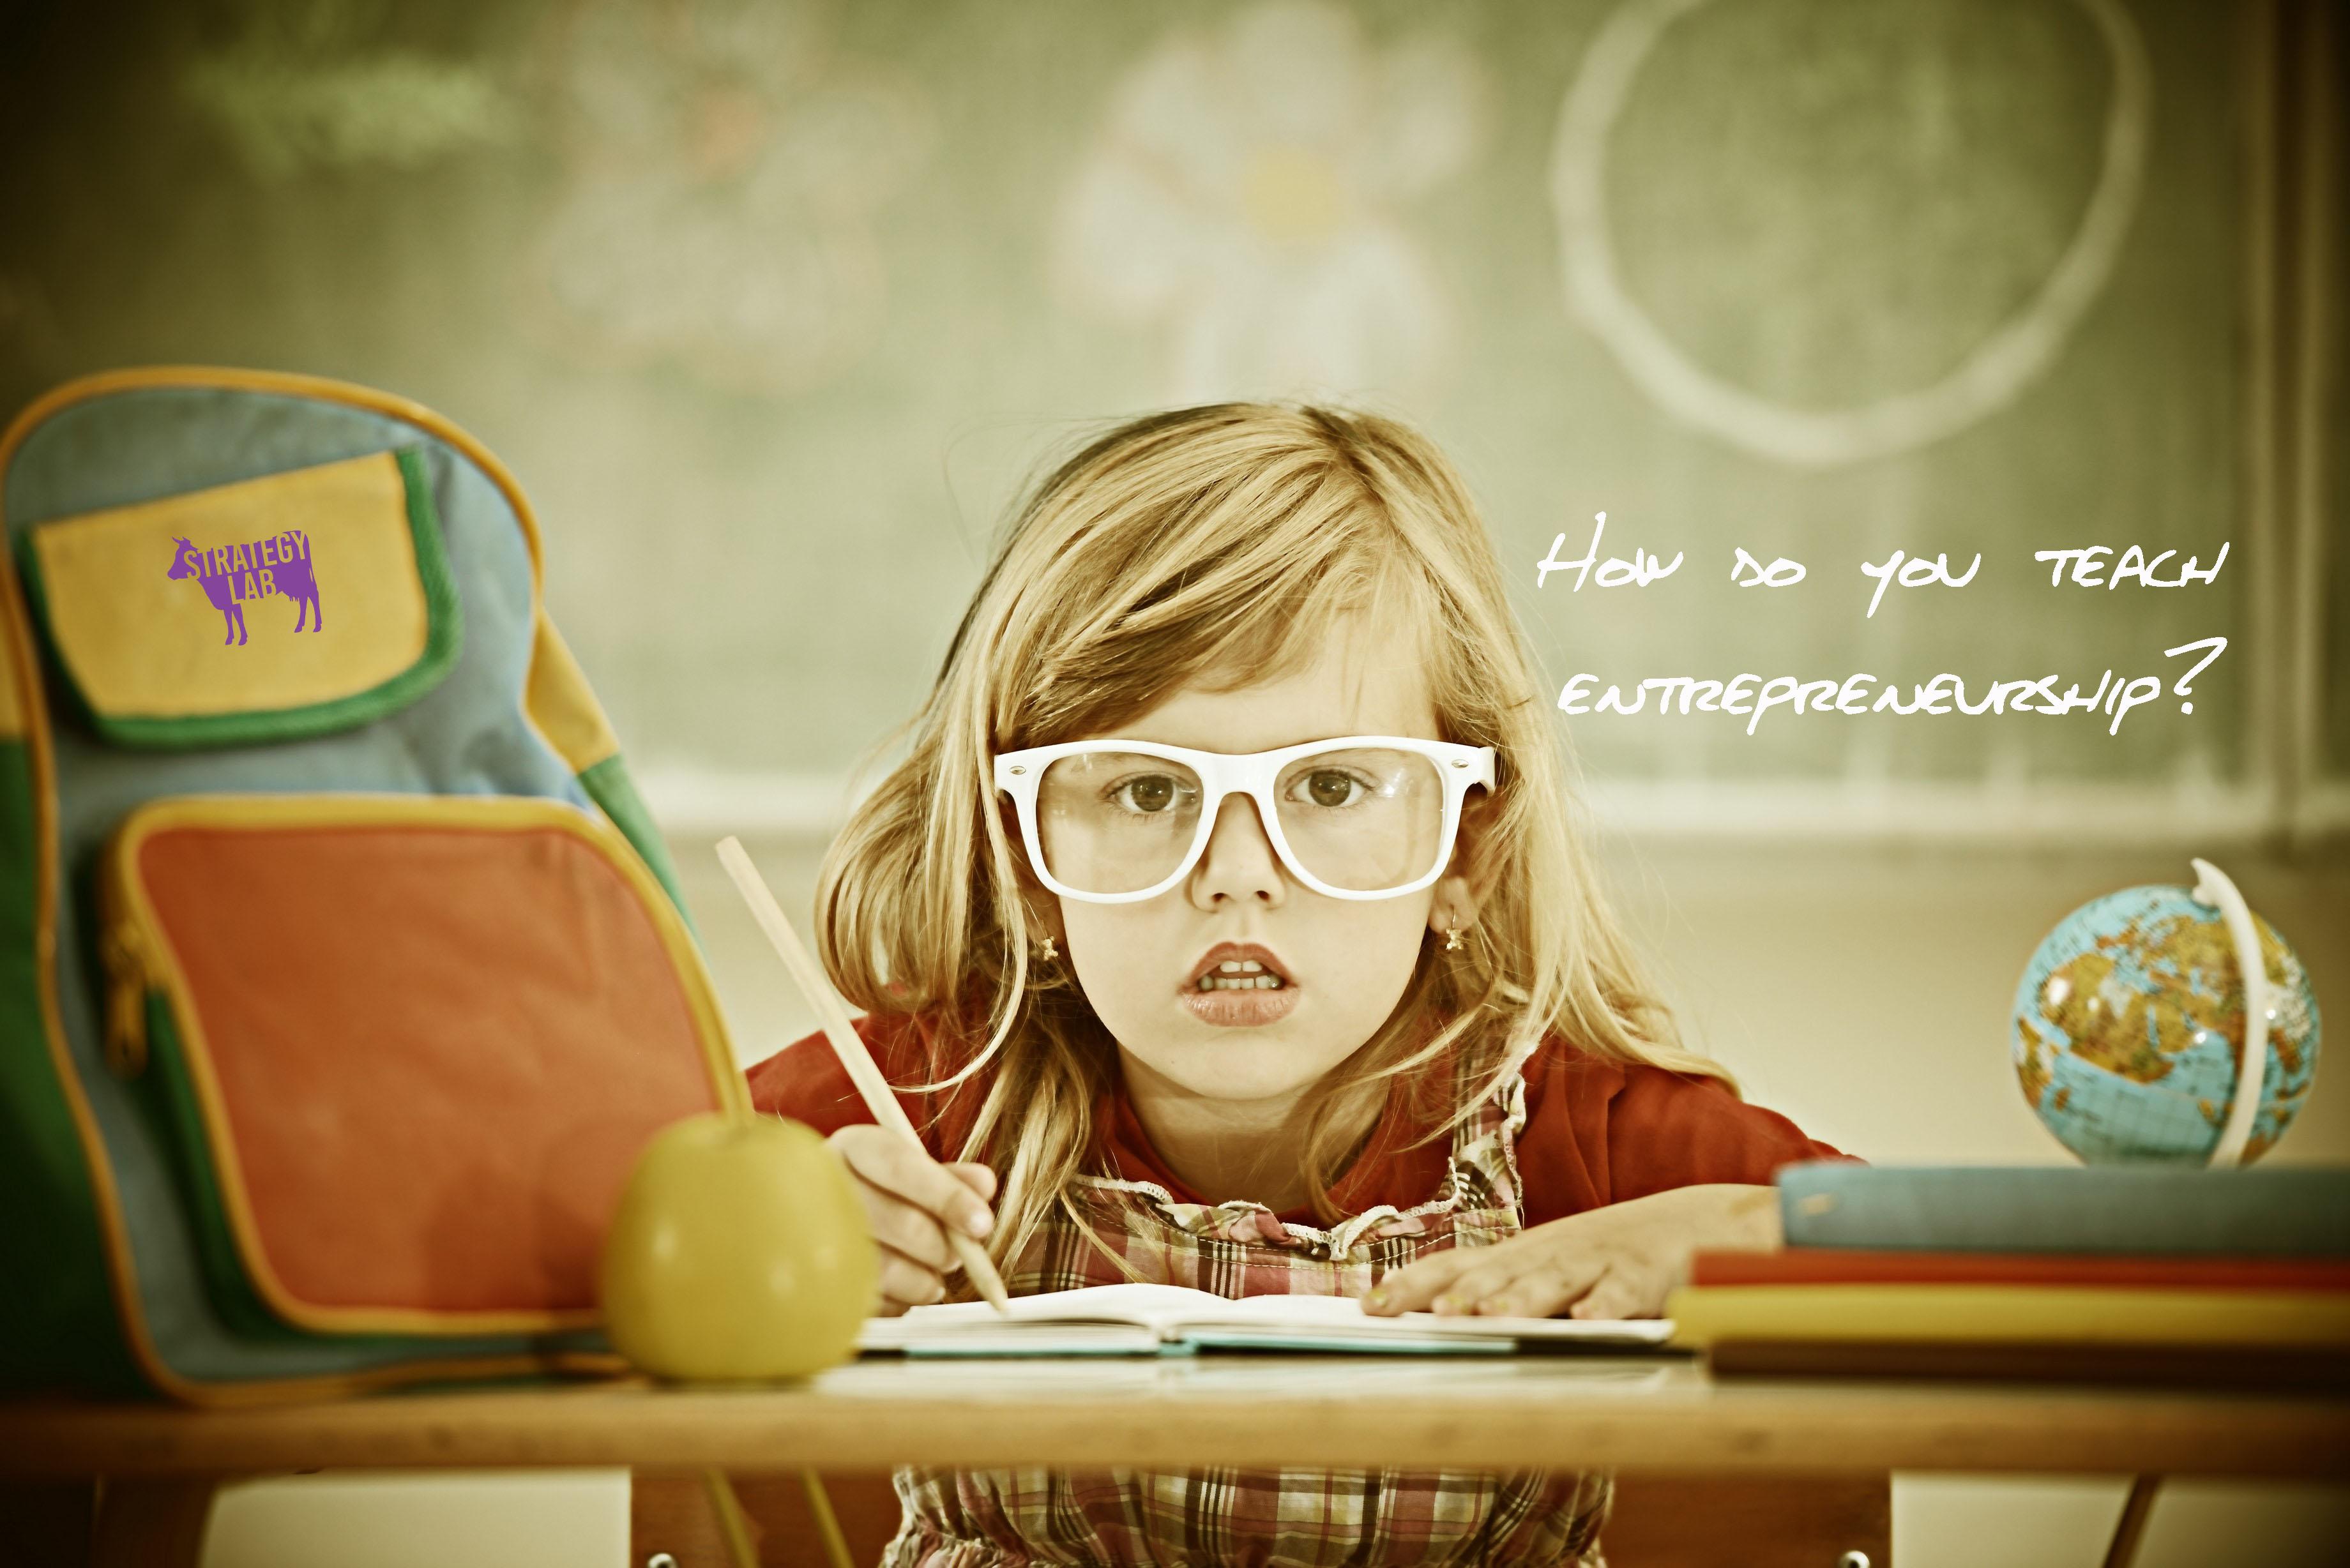 How do you teach entrepreneurship-how do you teach an art form